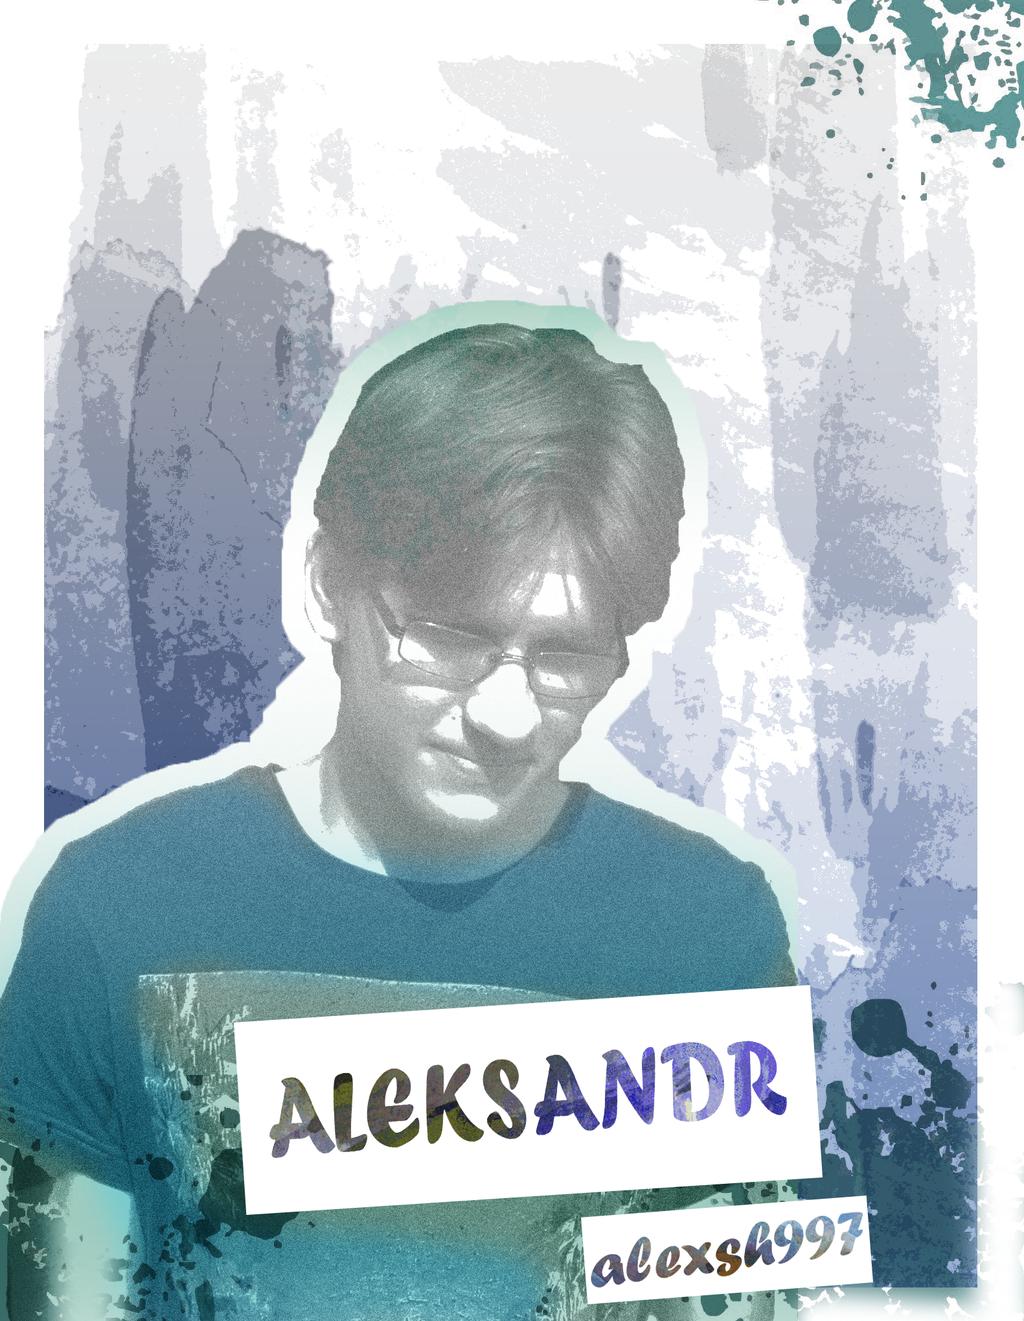 Poster_Aleksander by alexsh97